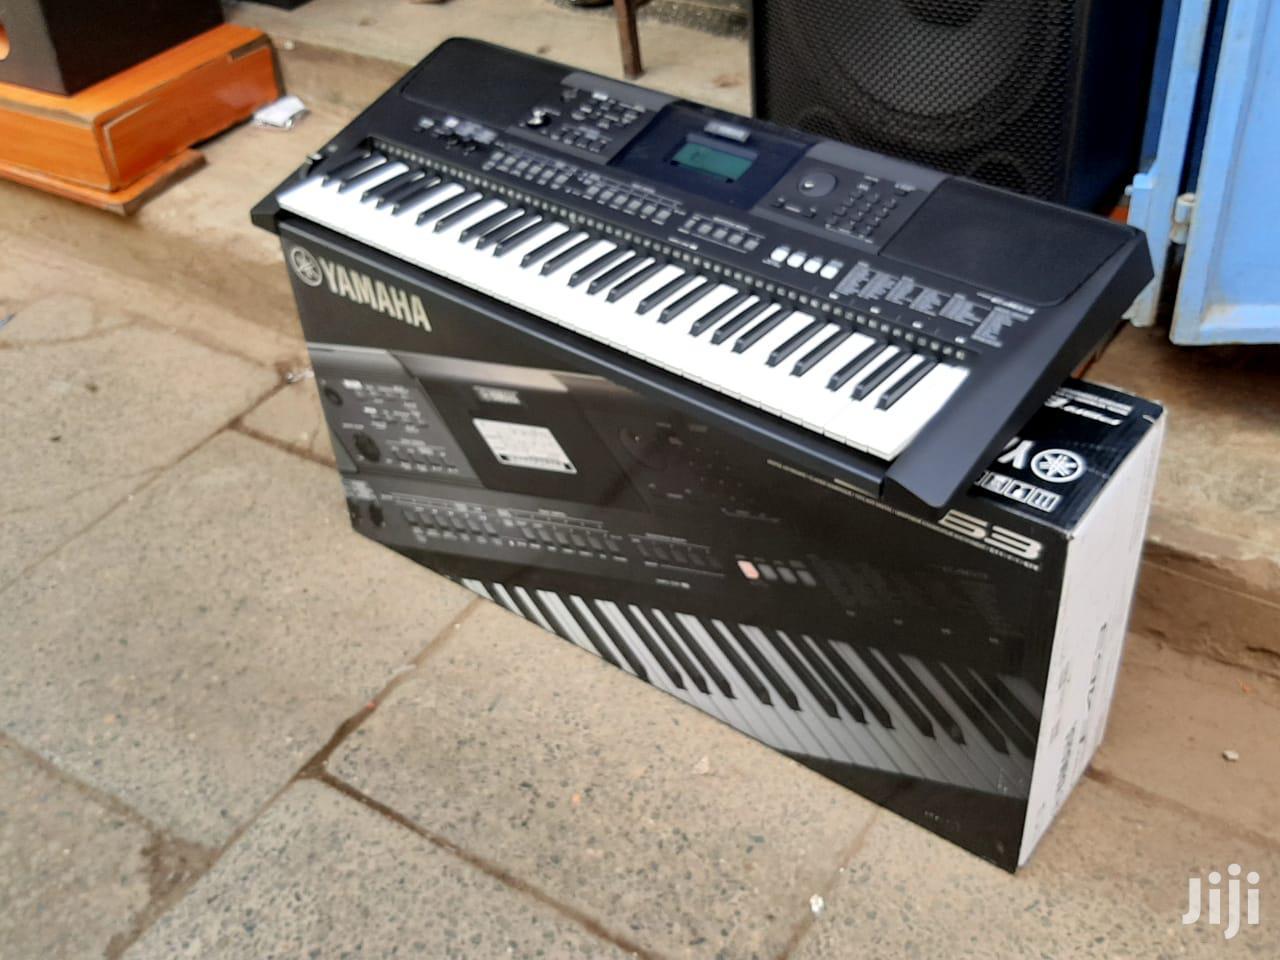 Archive: 463 Yamaha Keyboard